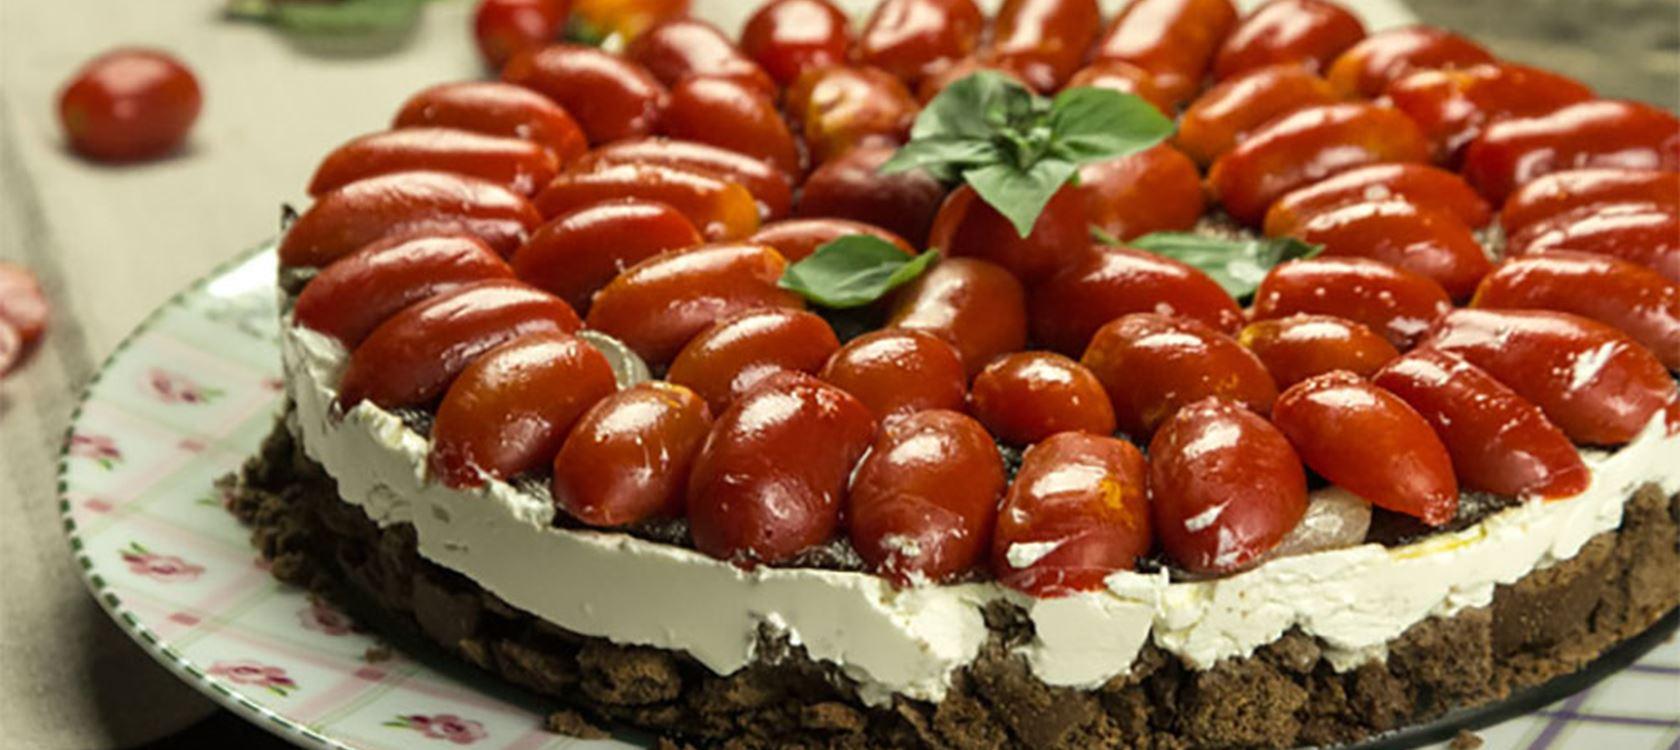 Αλμυρό τσιζκέικ με ντοματίνια και καραμελωμένο κρεμμύδι